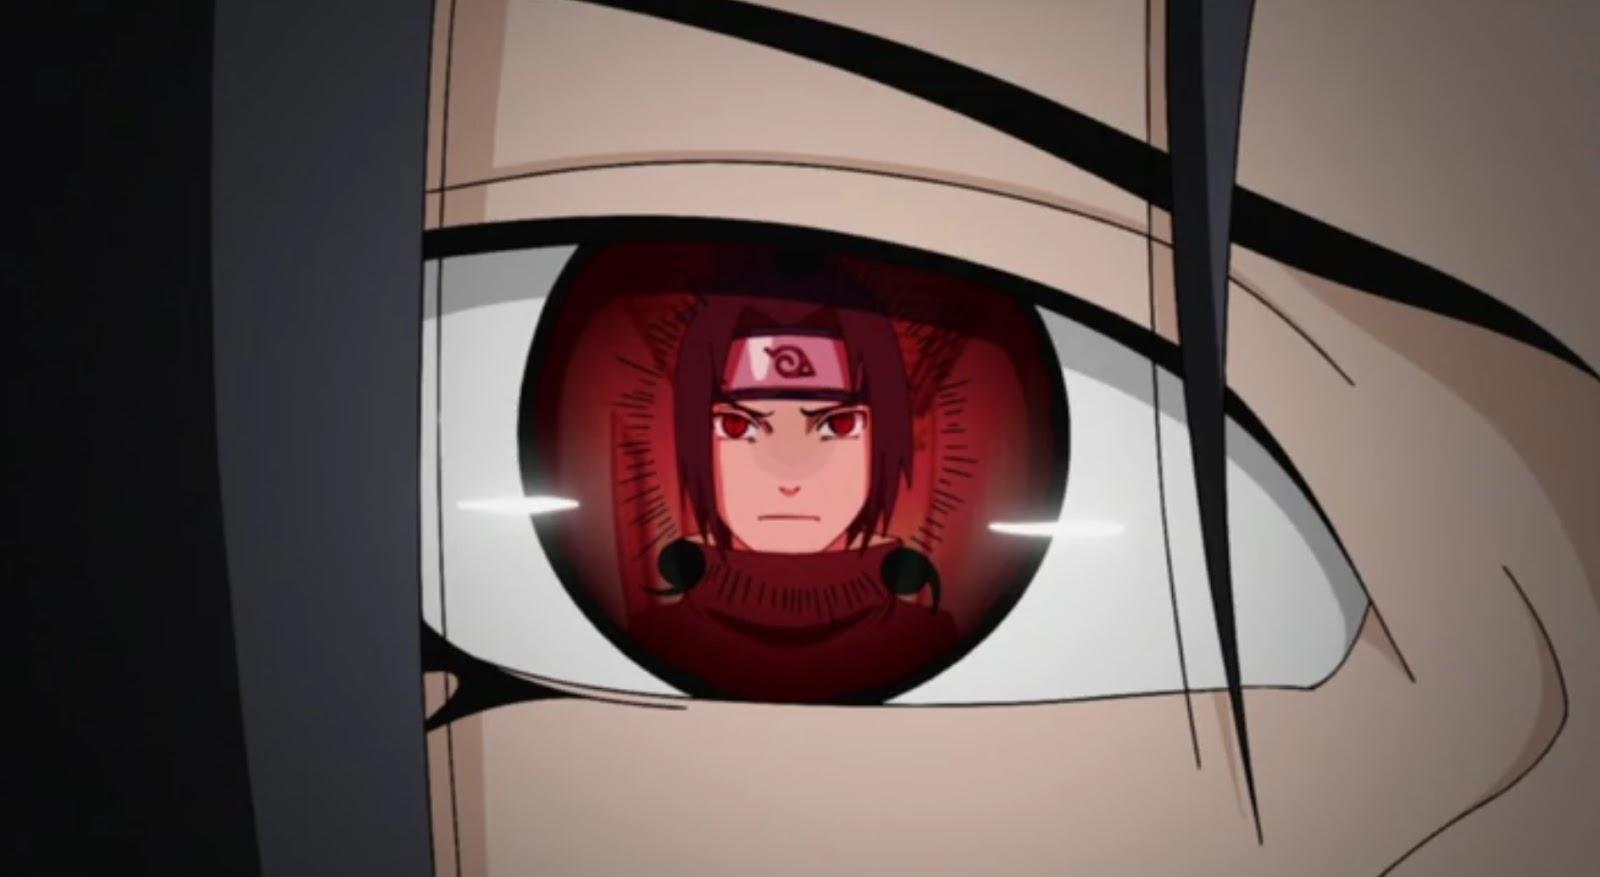 Naruto Shippuden Episódio 458, Assistir Naruto Shippuden Episódio 458, Assistir Naruto Shippuden Todos os Episódios Legendado, Naruto Shippuden episódio 458,HD